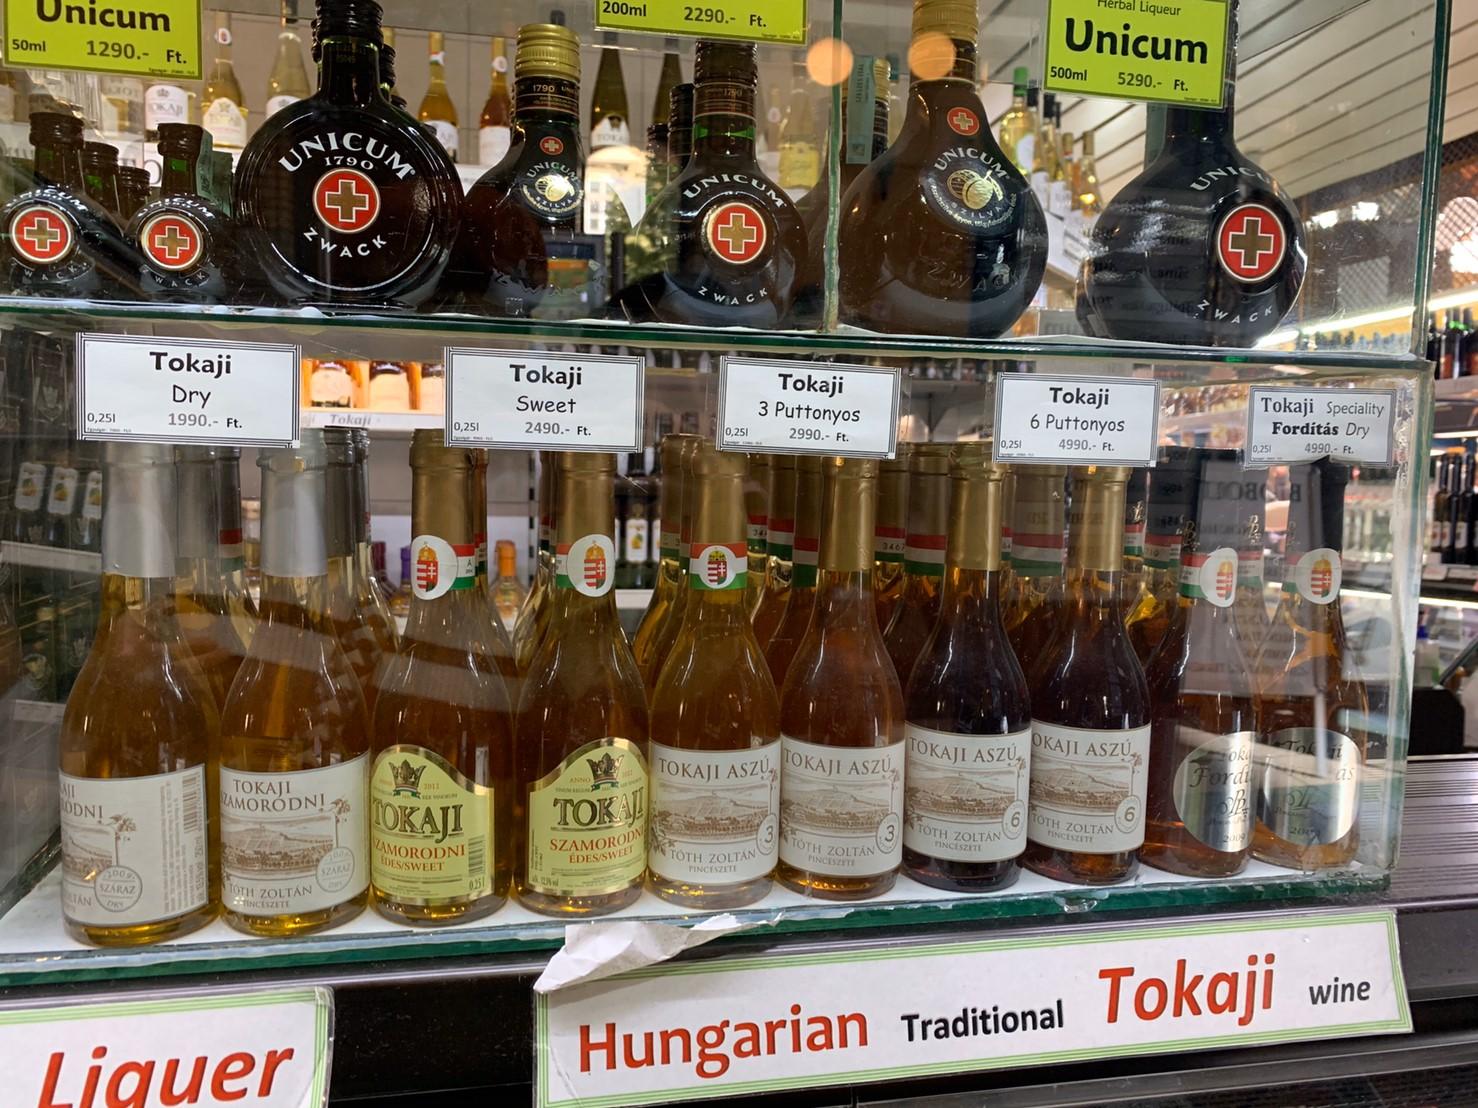 ▲匈牙利的貴腐甜酒相當好喝,讓趙小僑大力推薦。